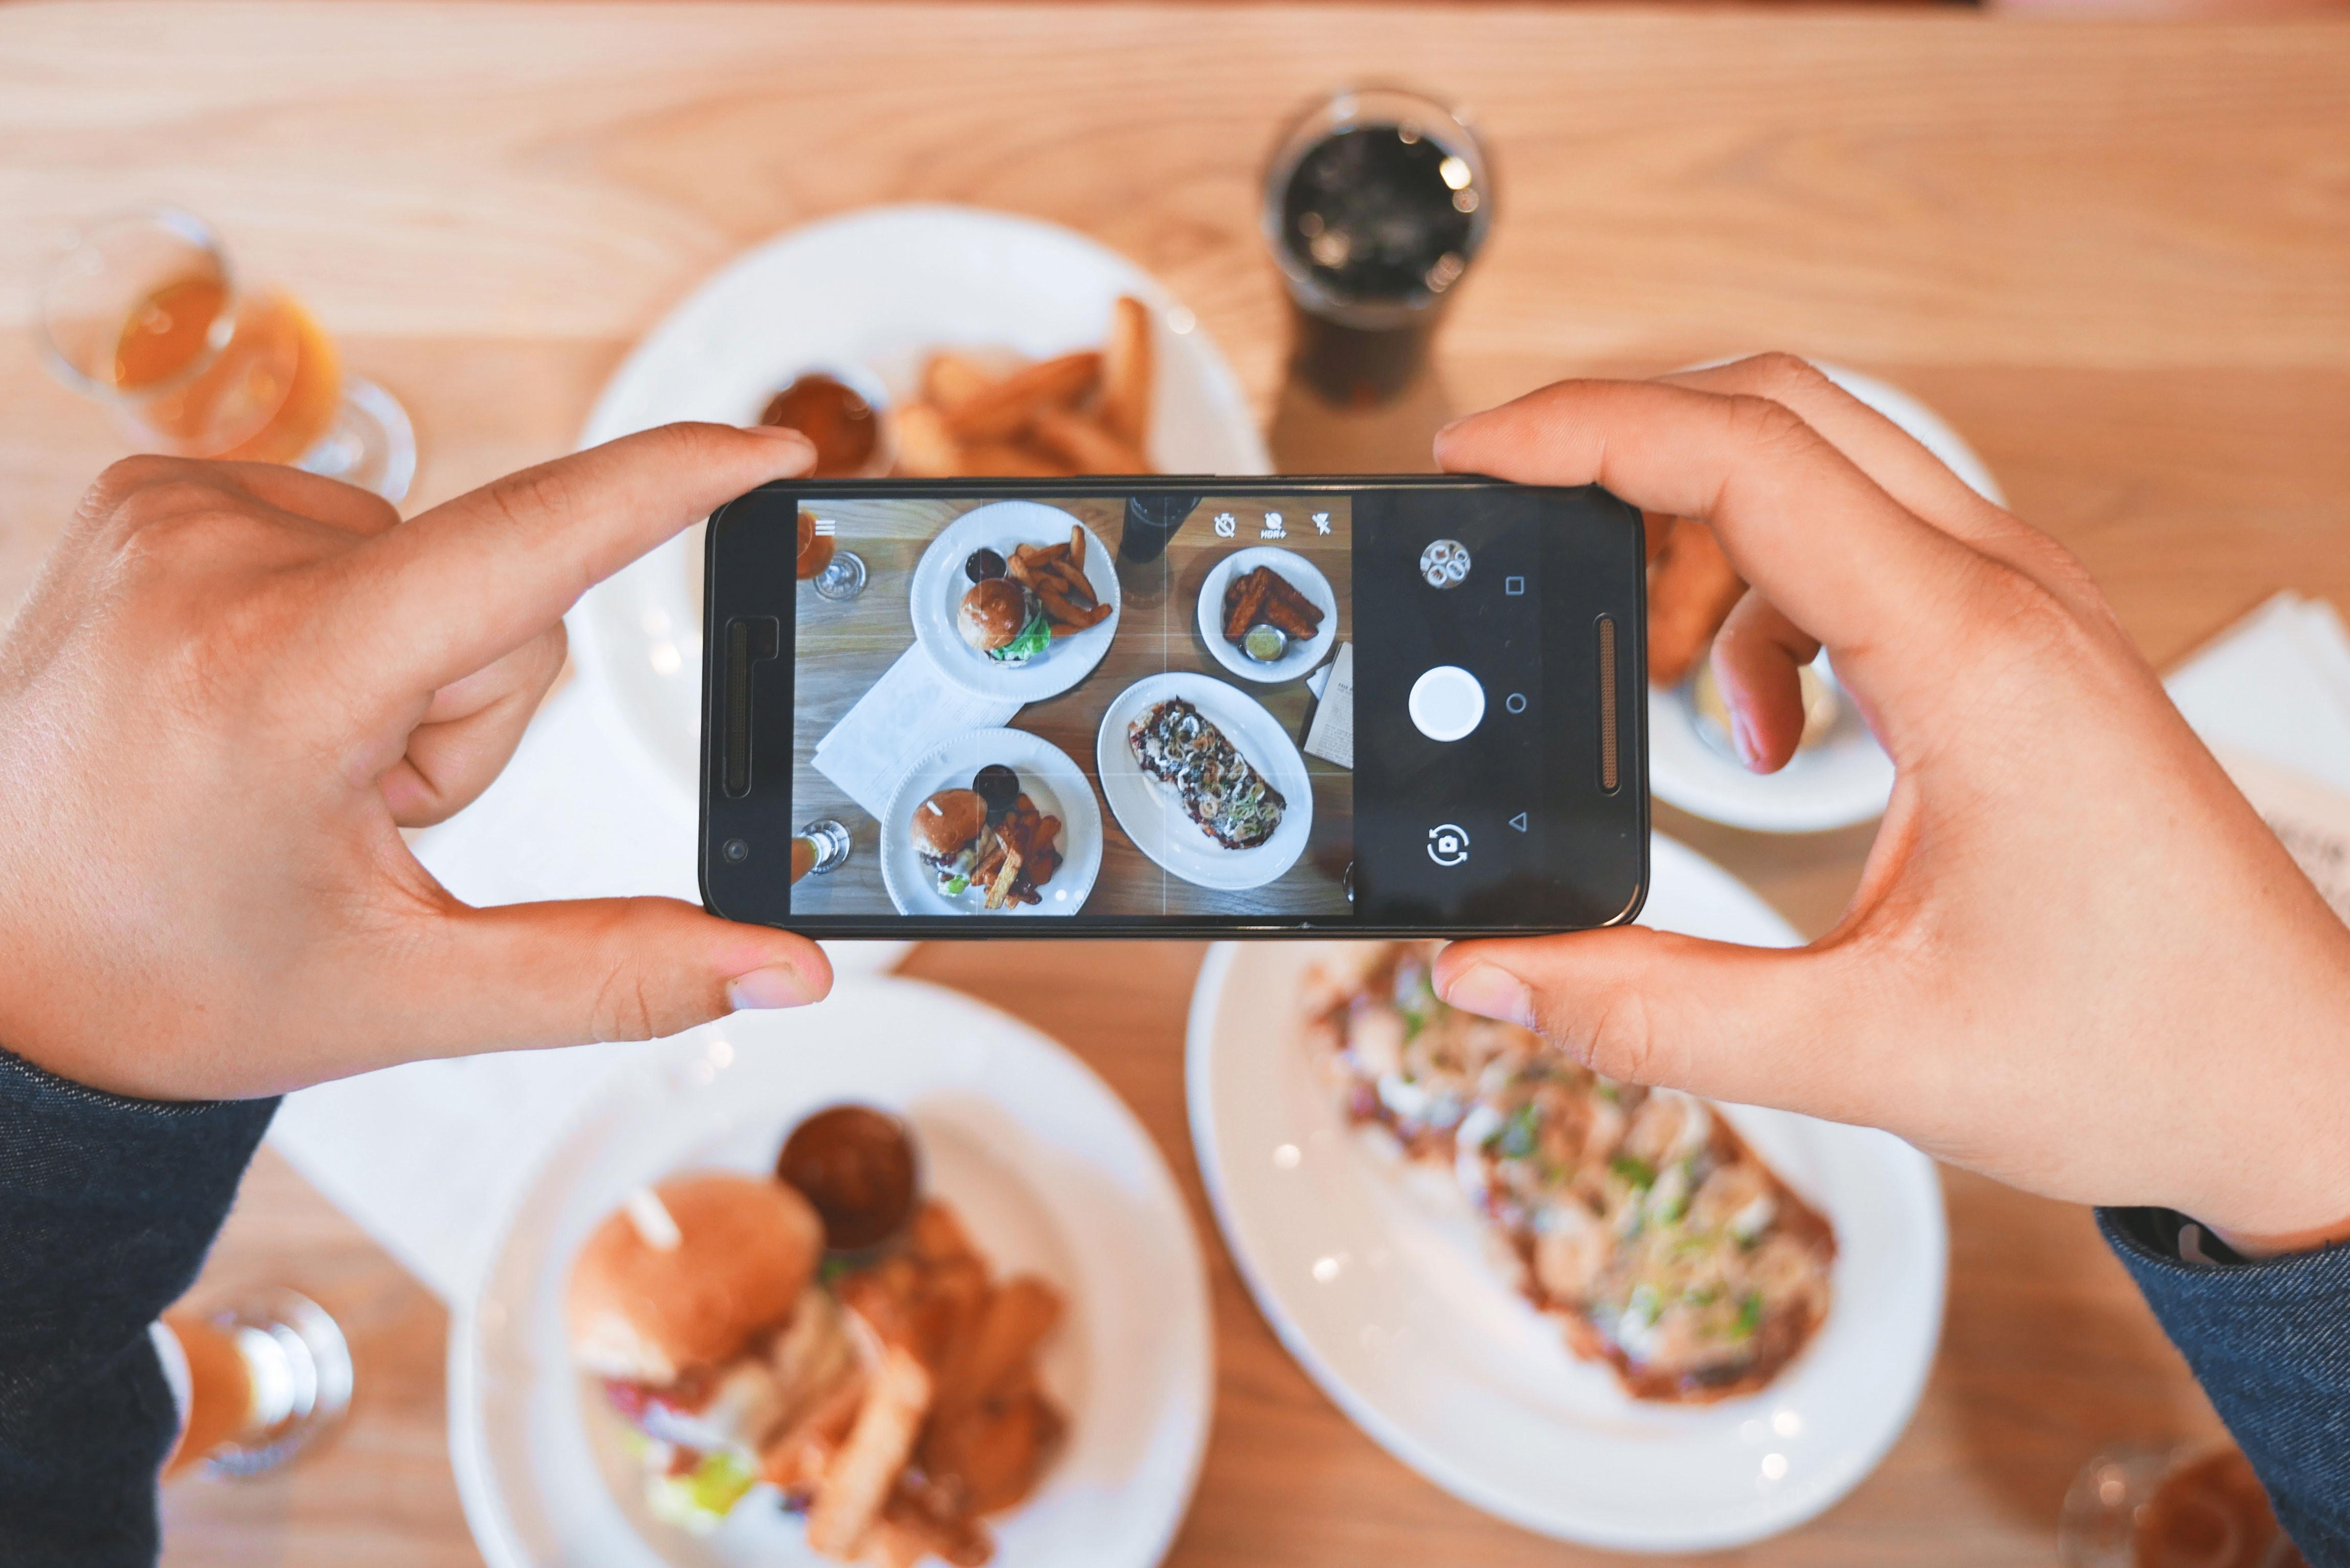 Tendencias en la comunicación social del sector alimentación en 2019